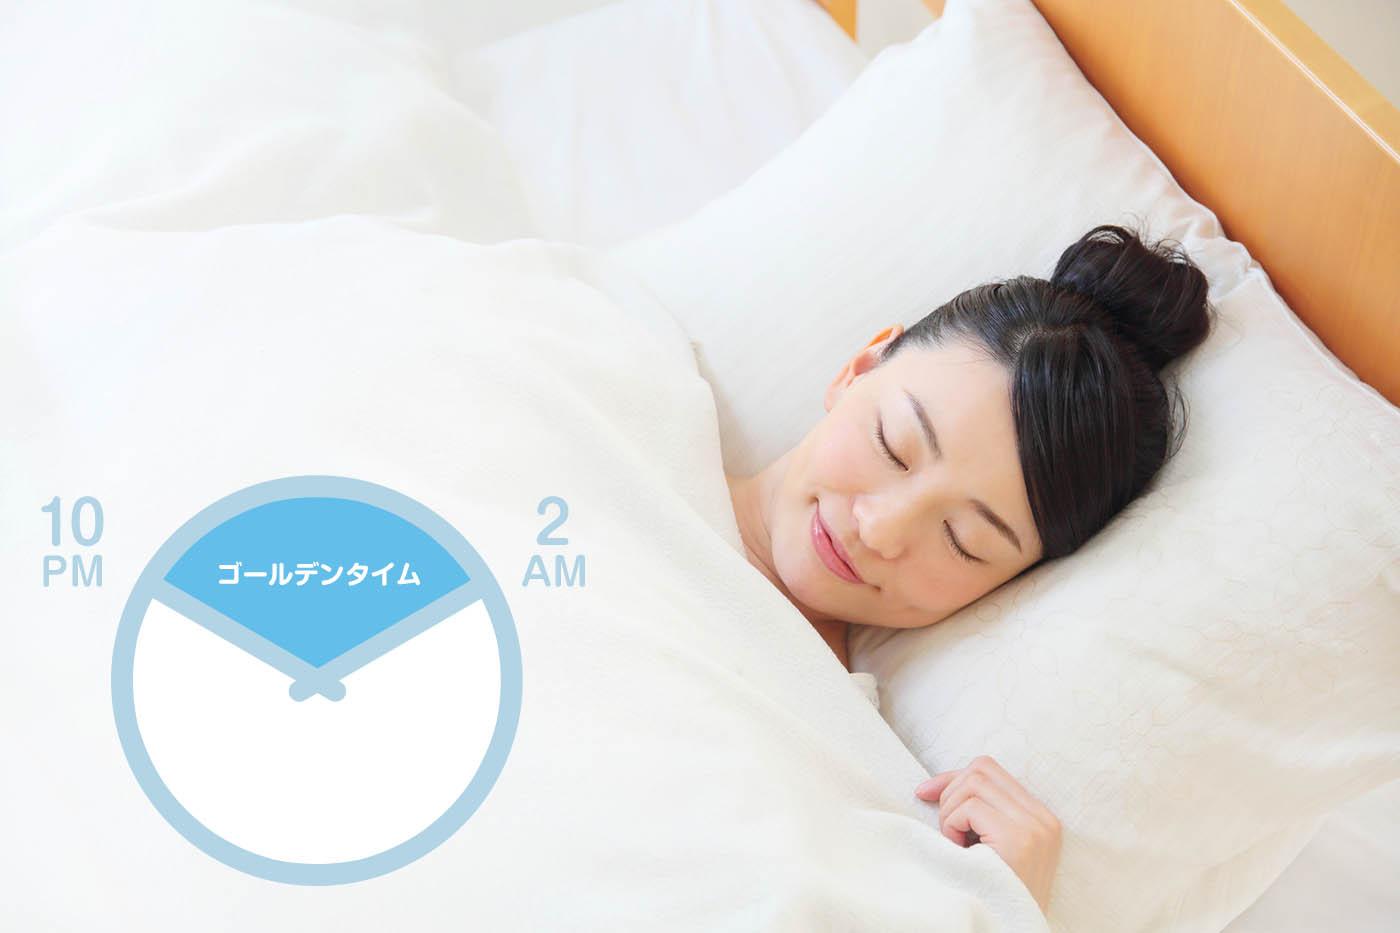 疲労回復のための安眠術